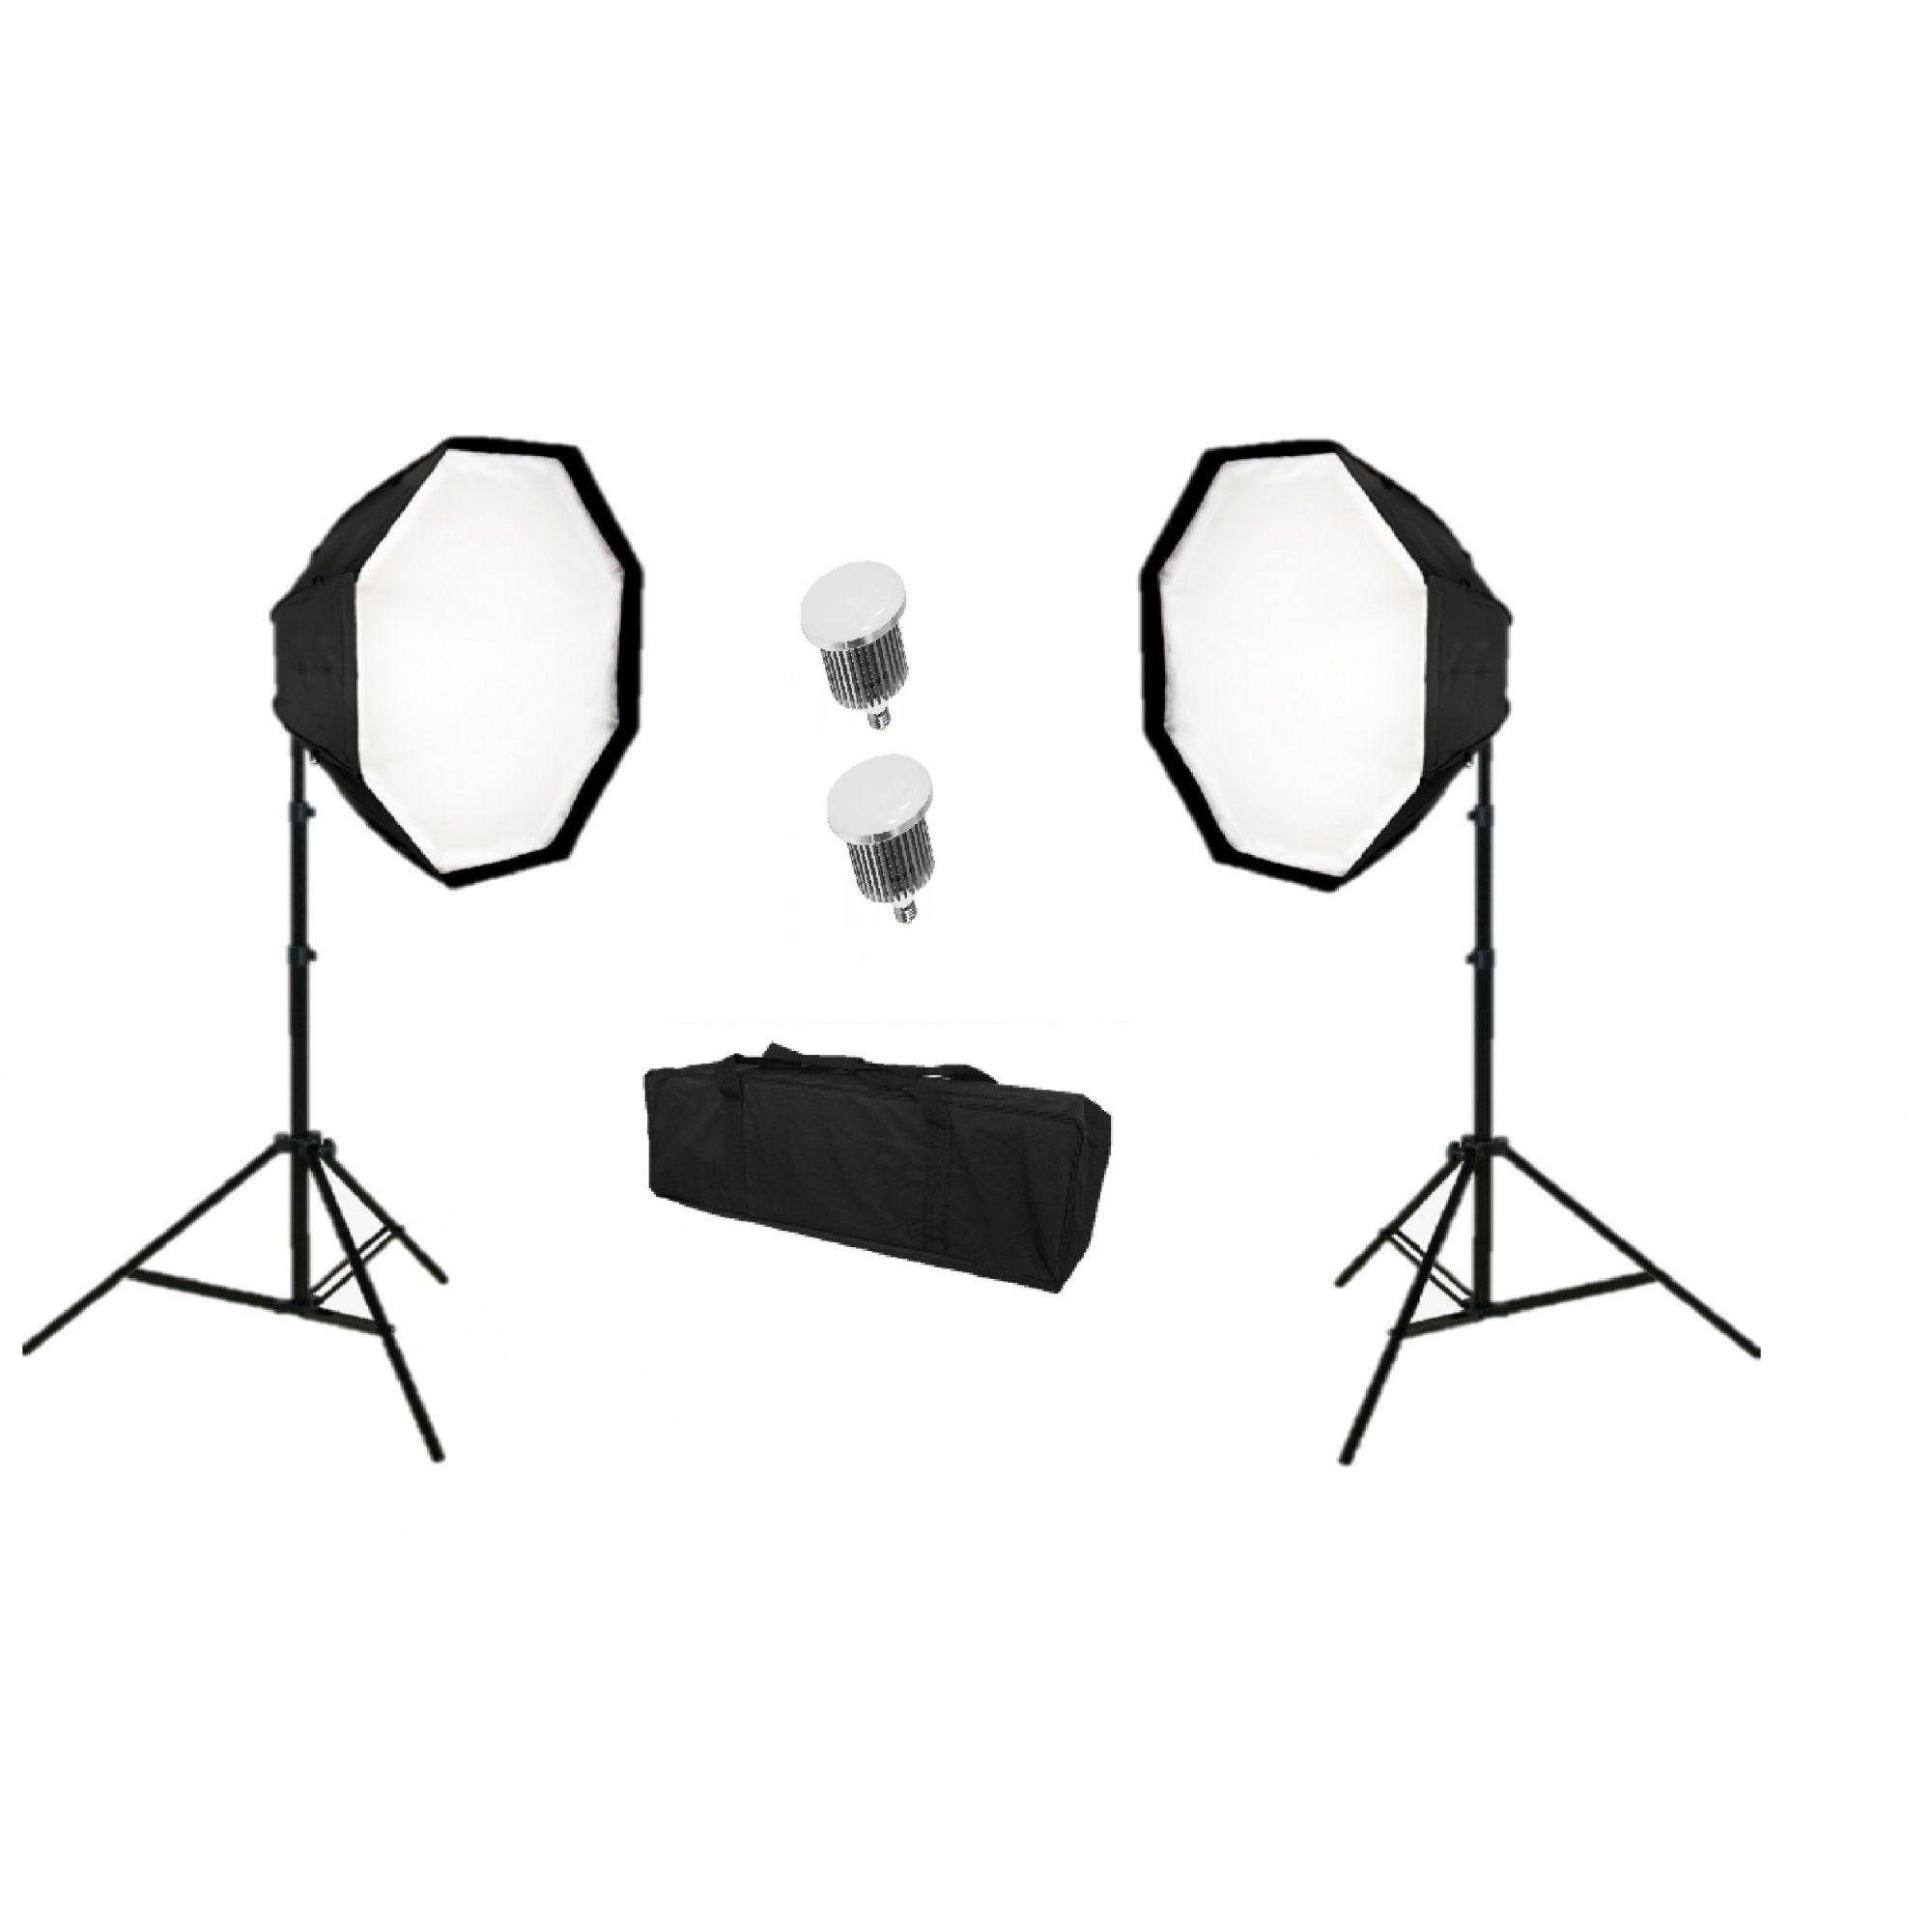 Kit Iluminação Octagonal de Estúdio Com Led 300W - OCTA400